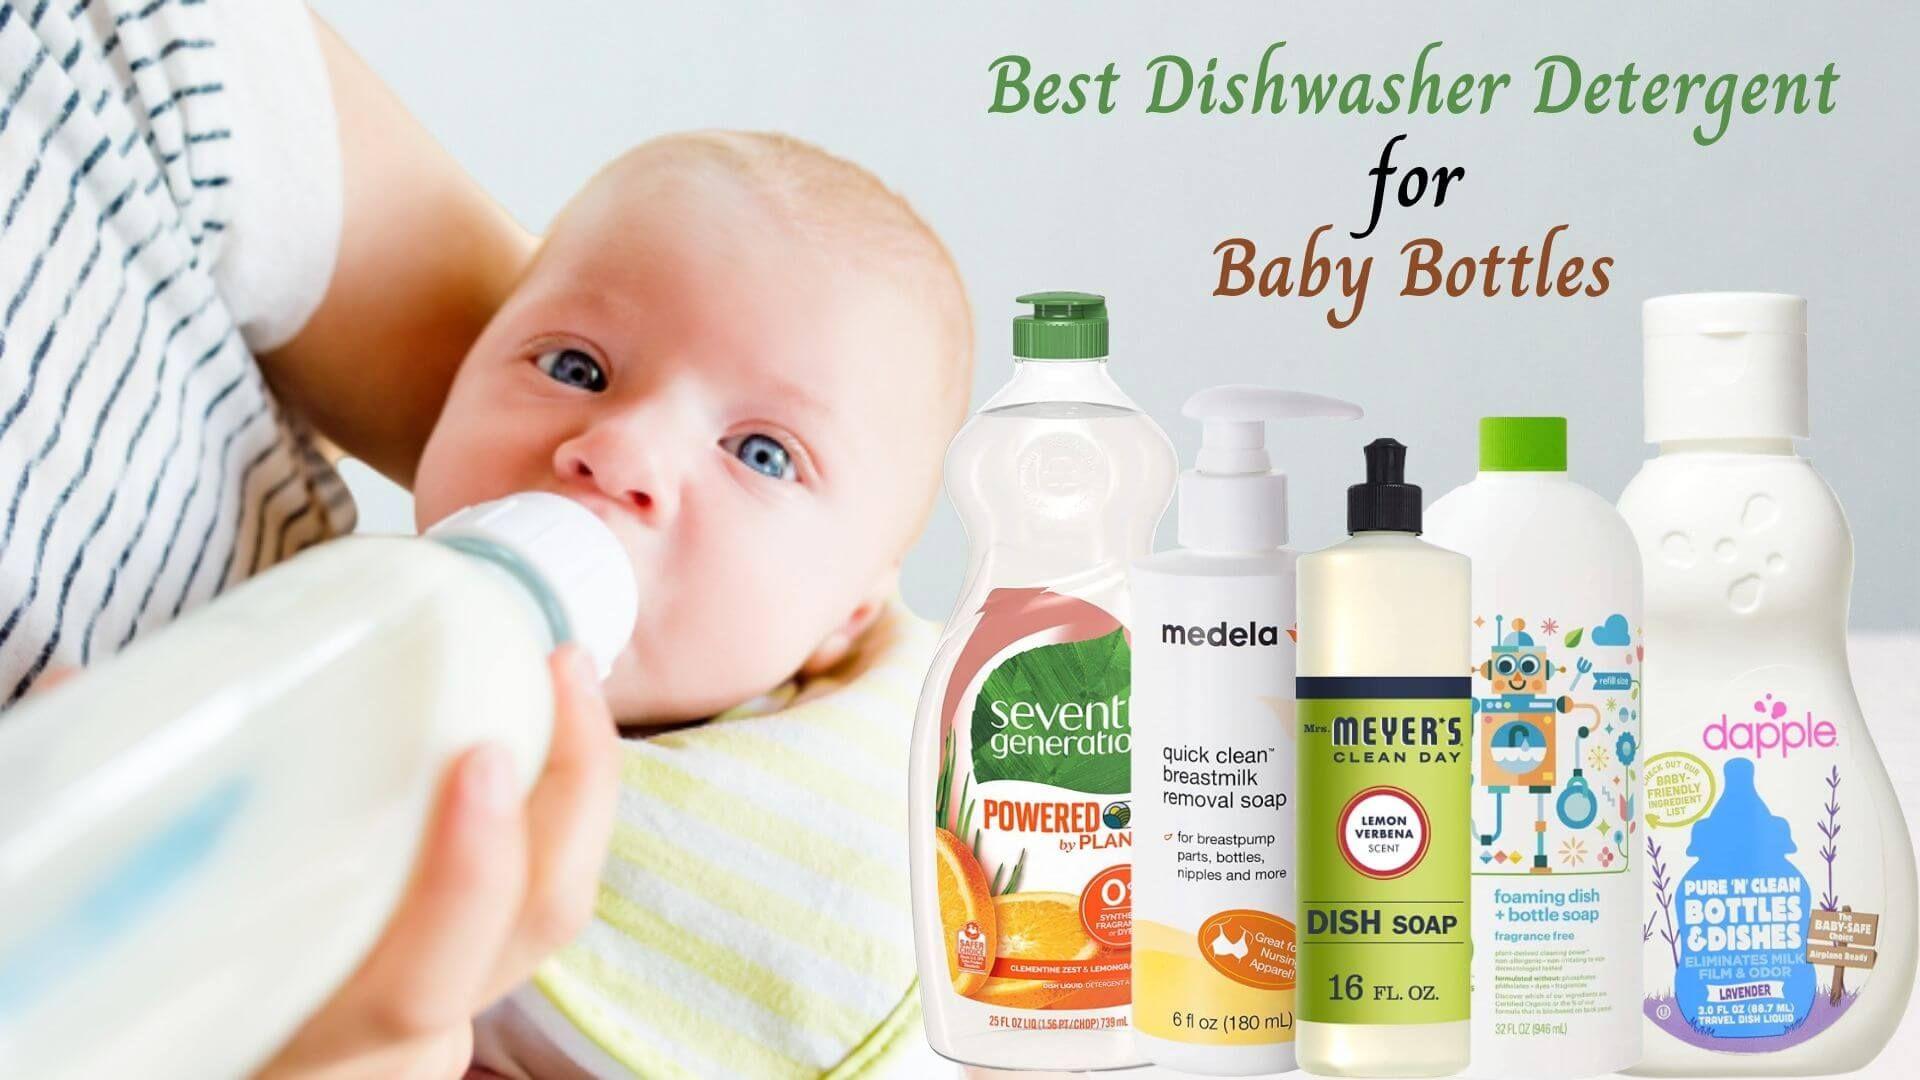 Best Dishwasher Detergent For Baby Bottles Best Dishwasher Detergent Best Dishwasher Dishwasher Detergent